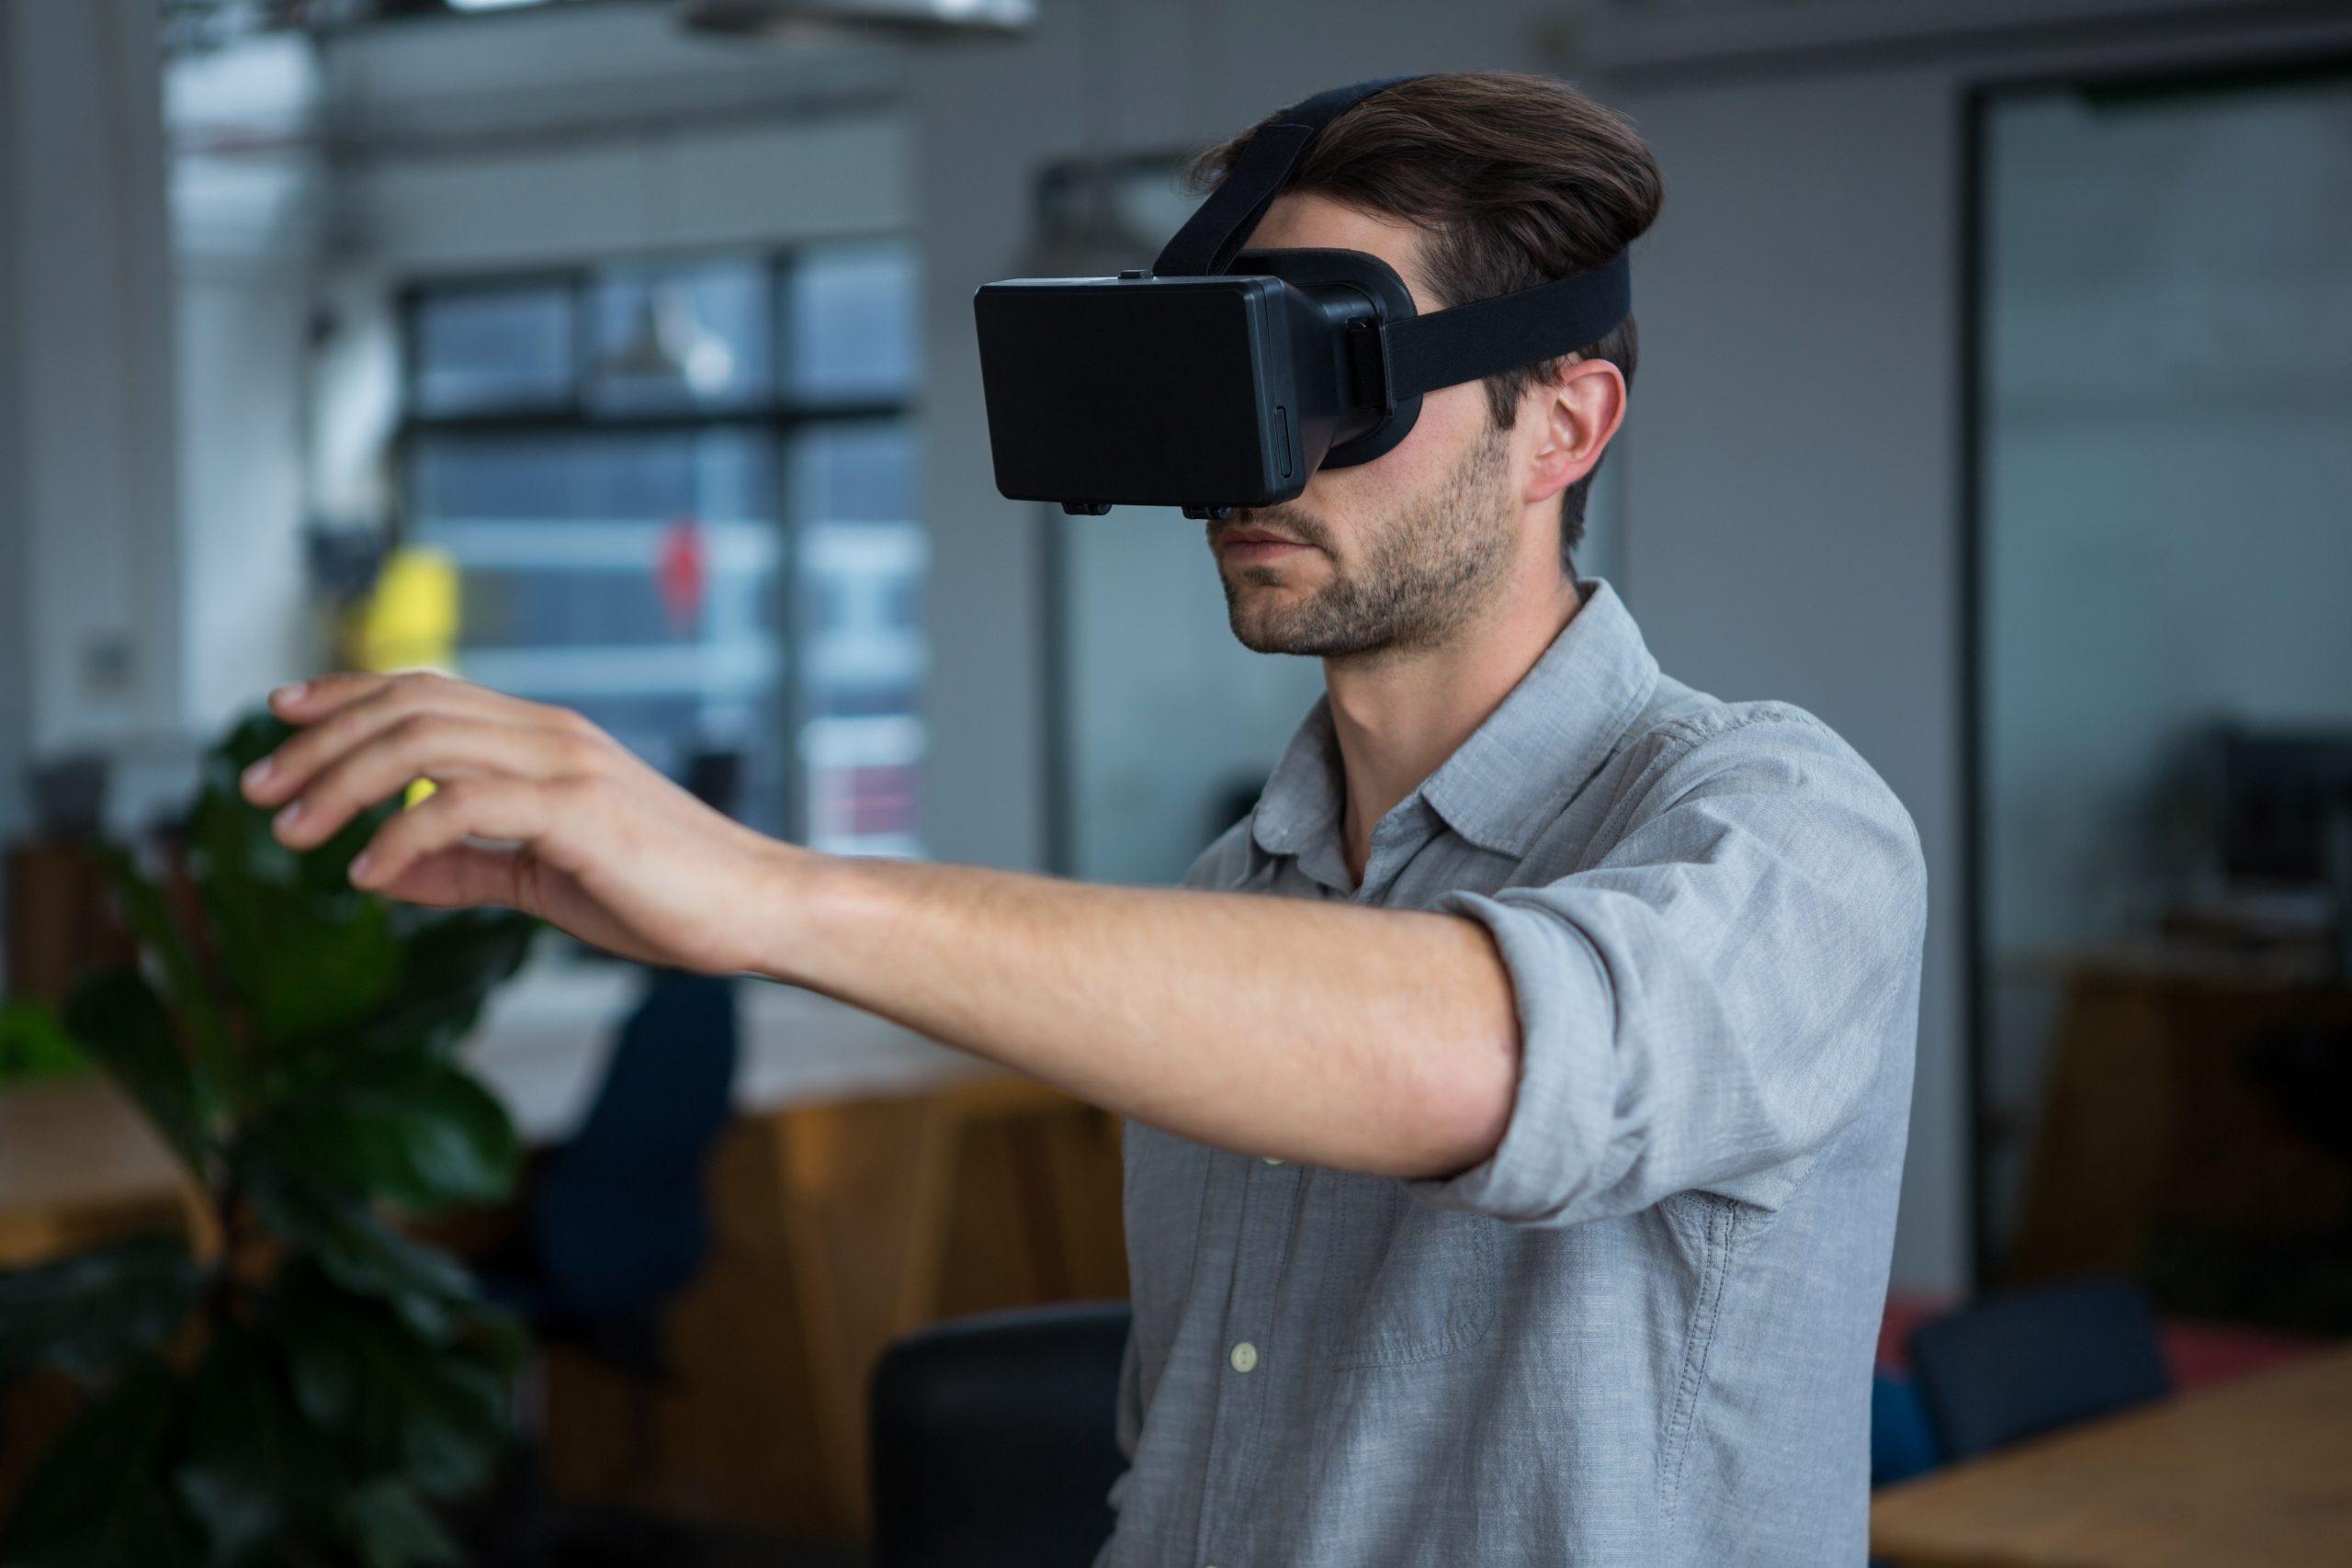 VR Headset - Mann